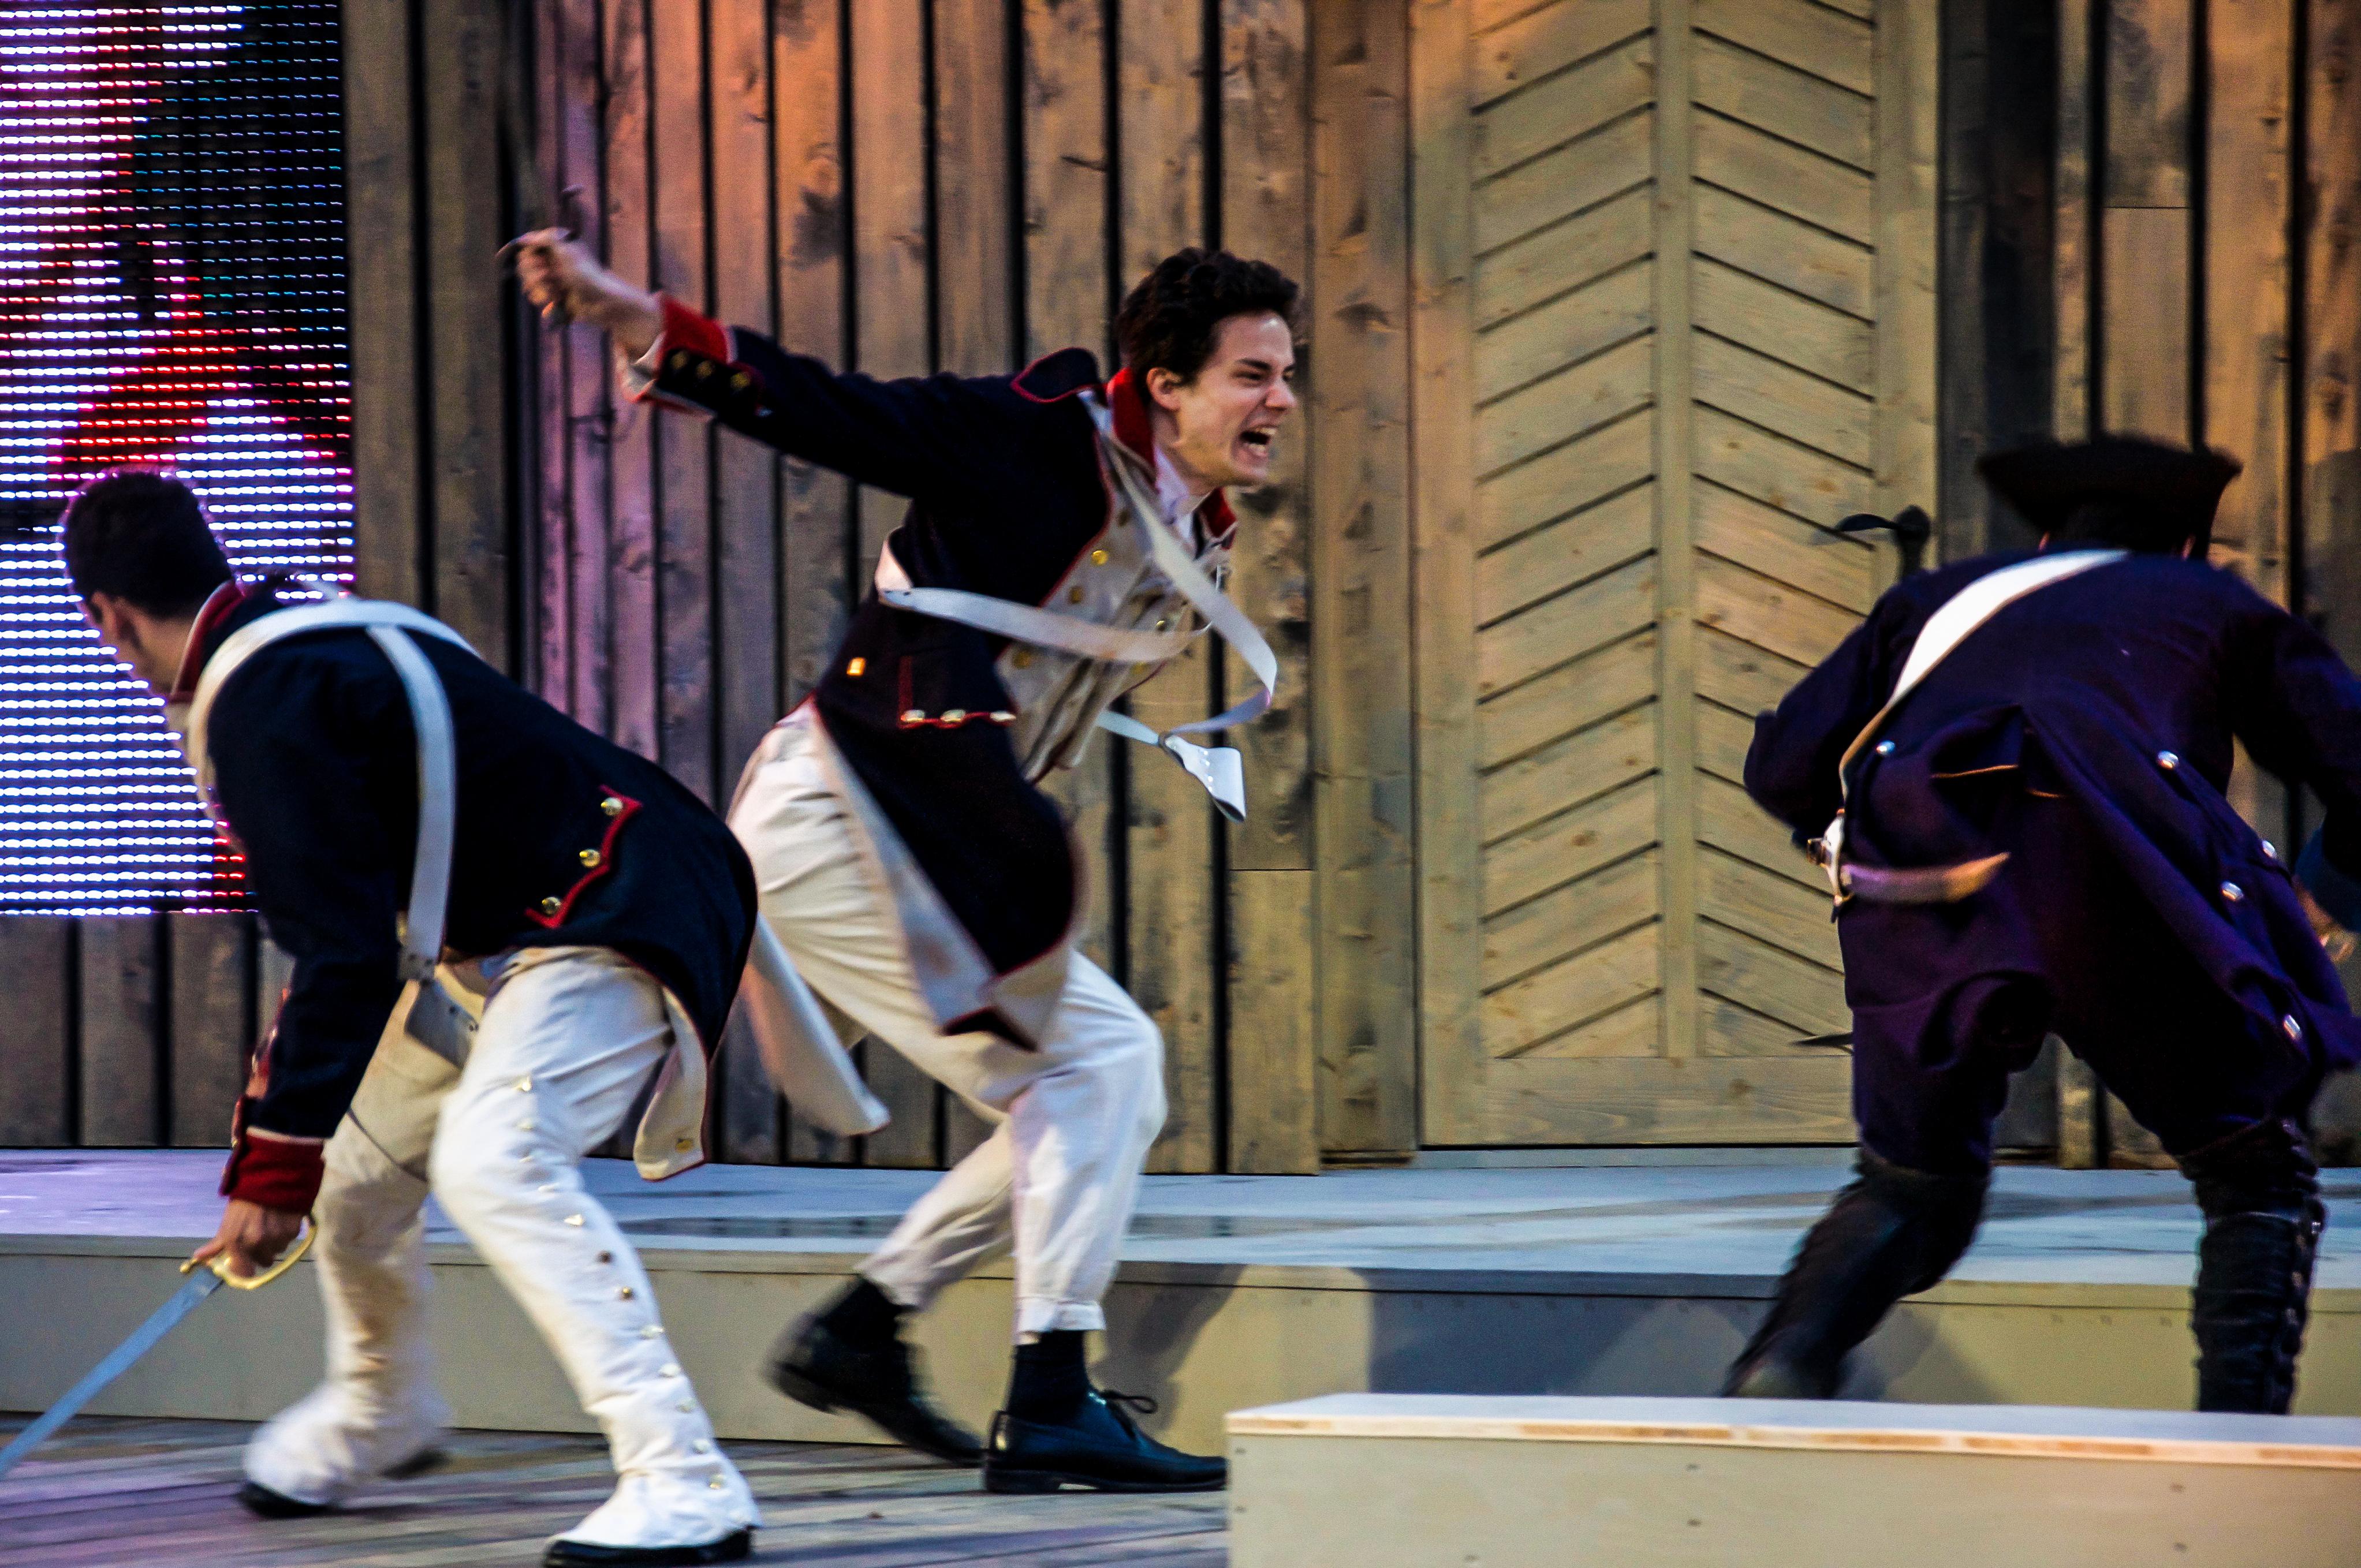 théâtre combat morat révolution